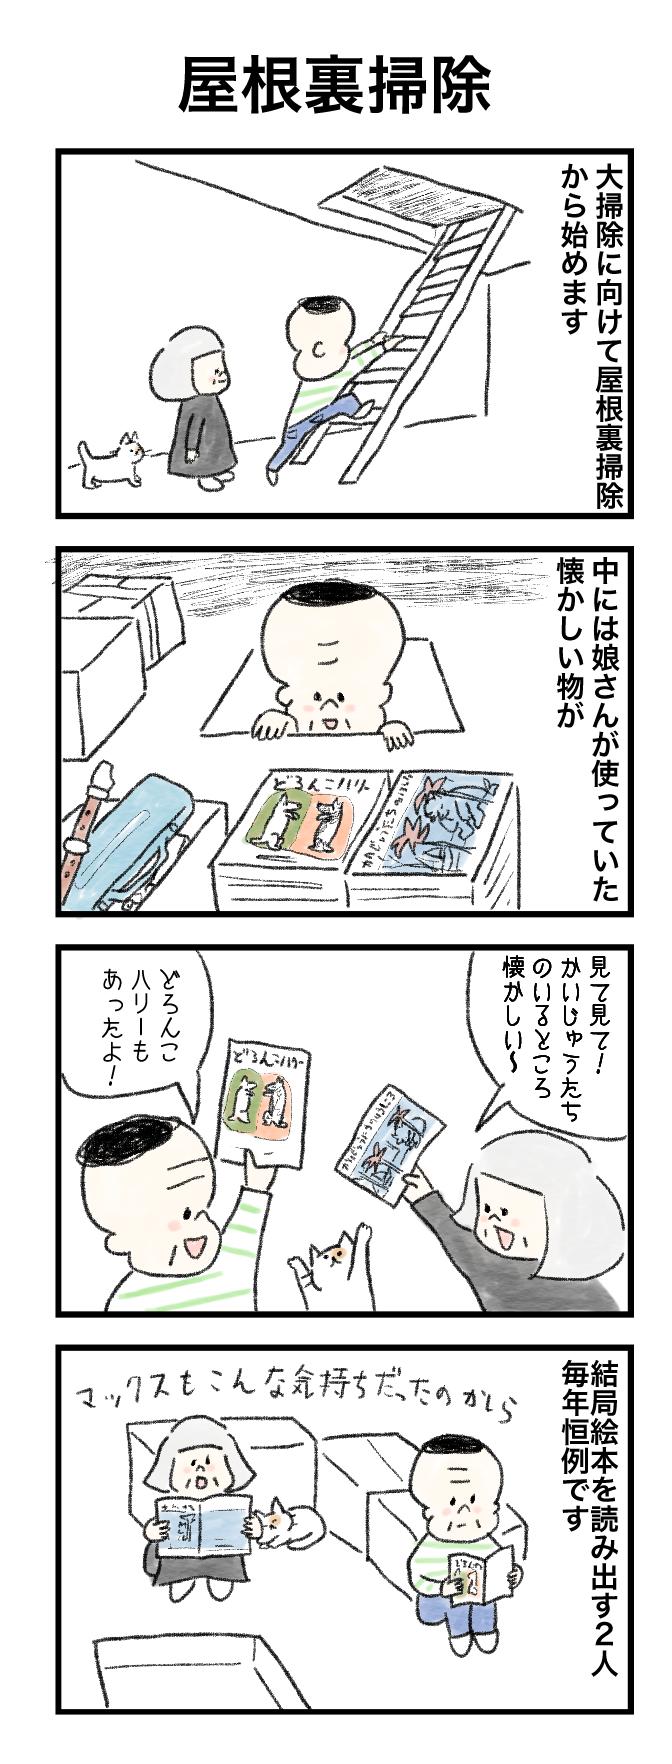 今日の泉谷さん【62】 作:カワサキヒロシ「屋根裏掃除」